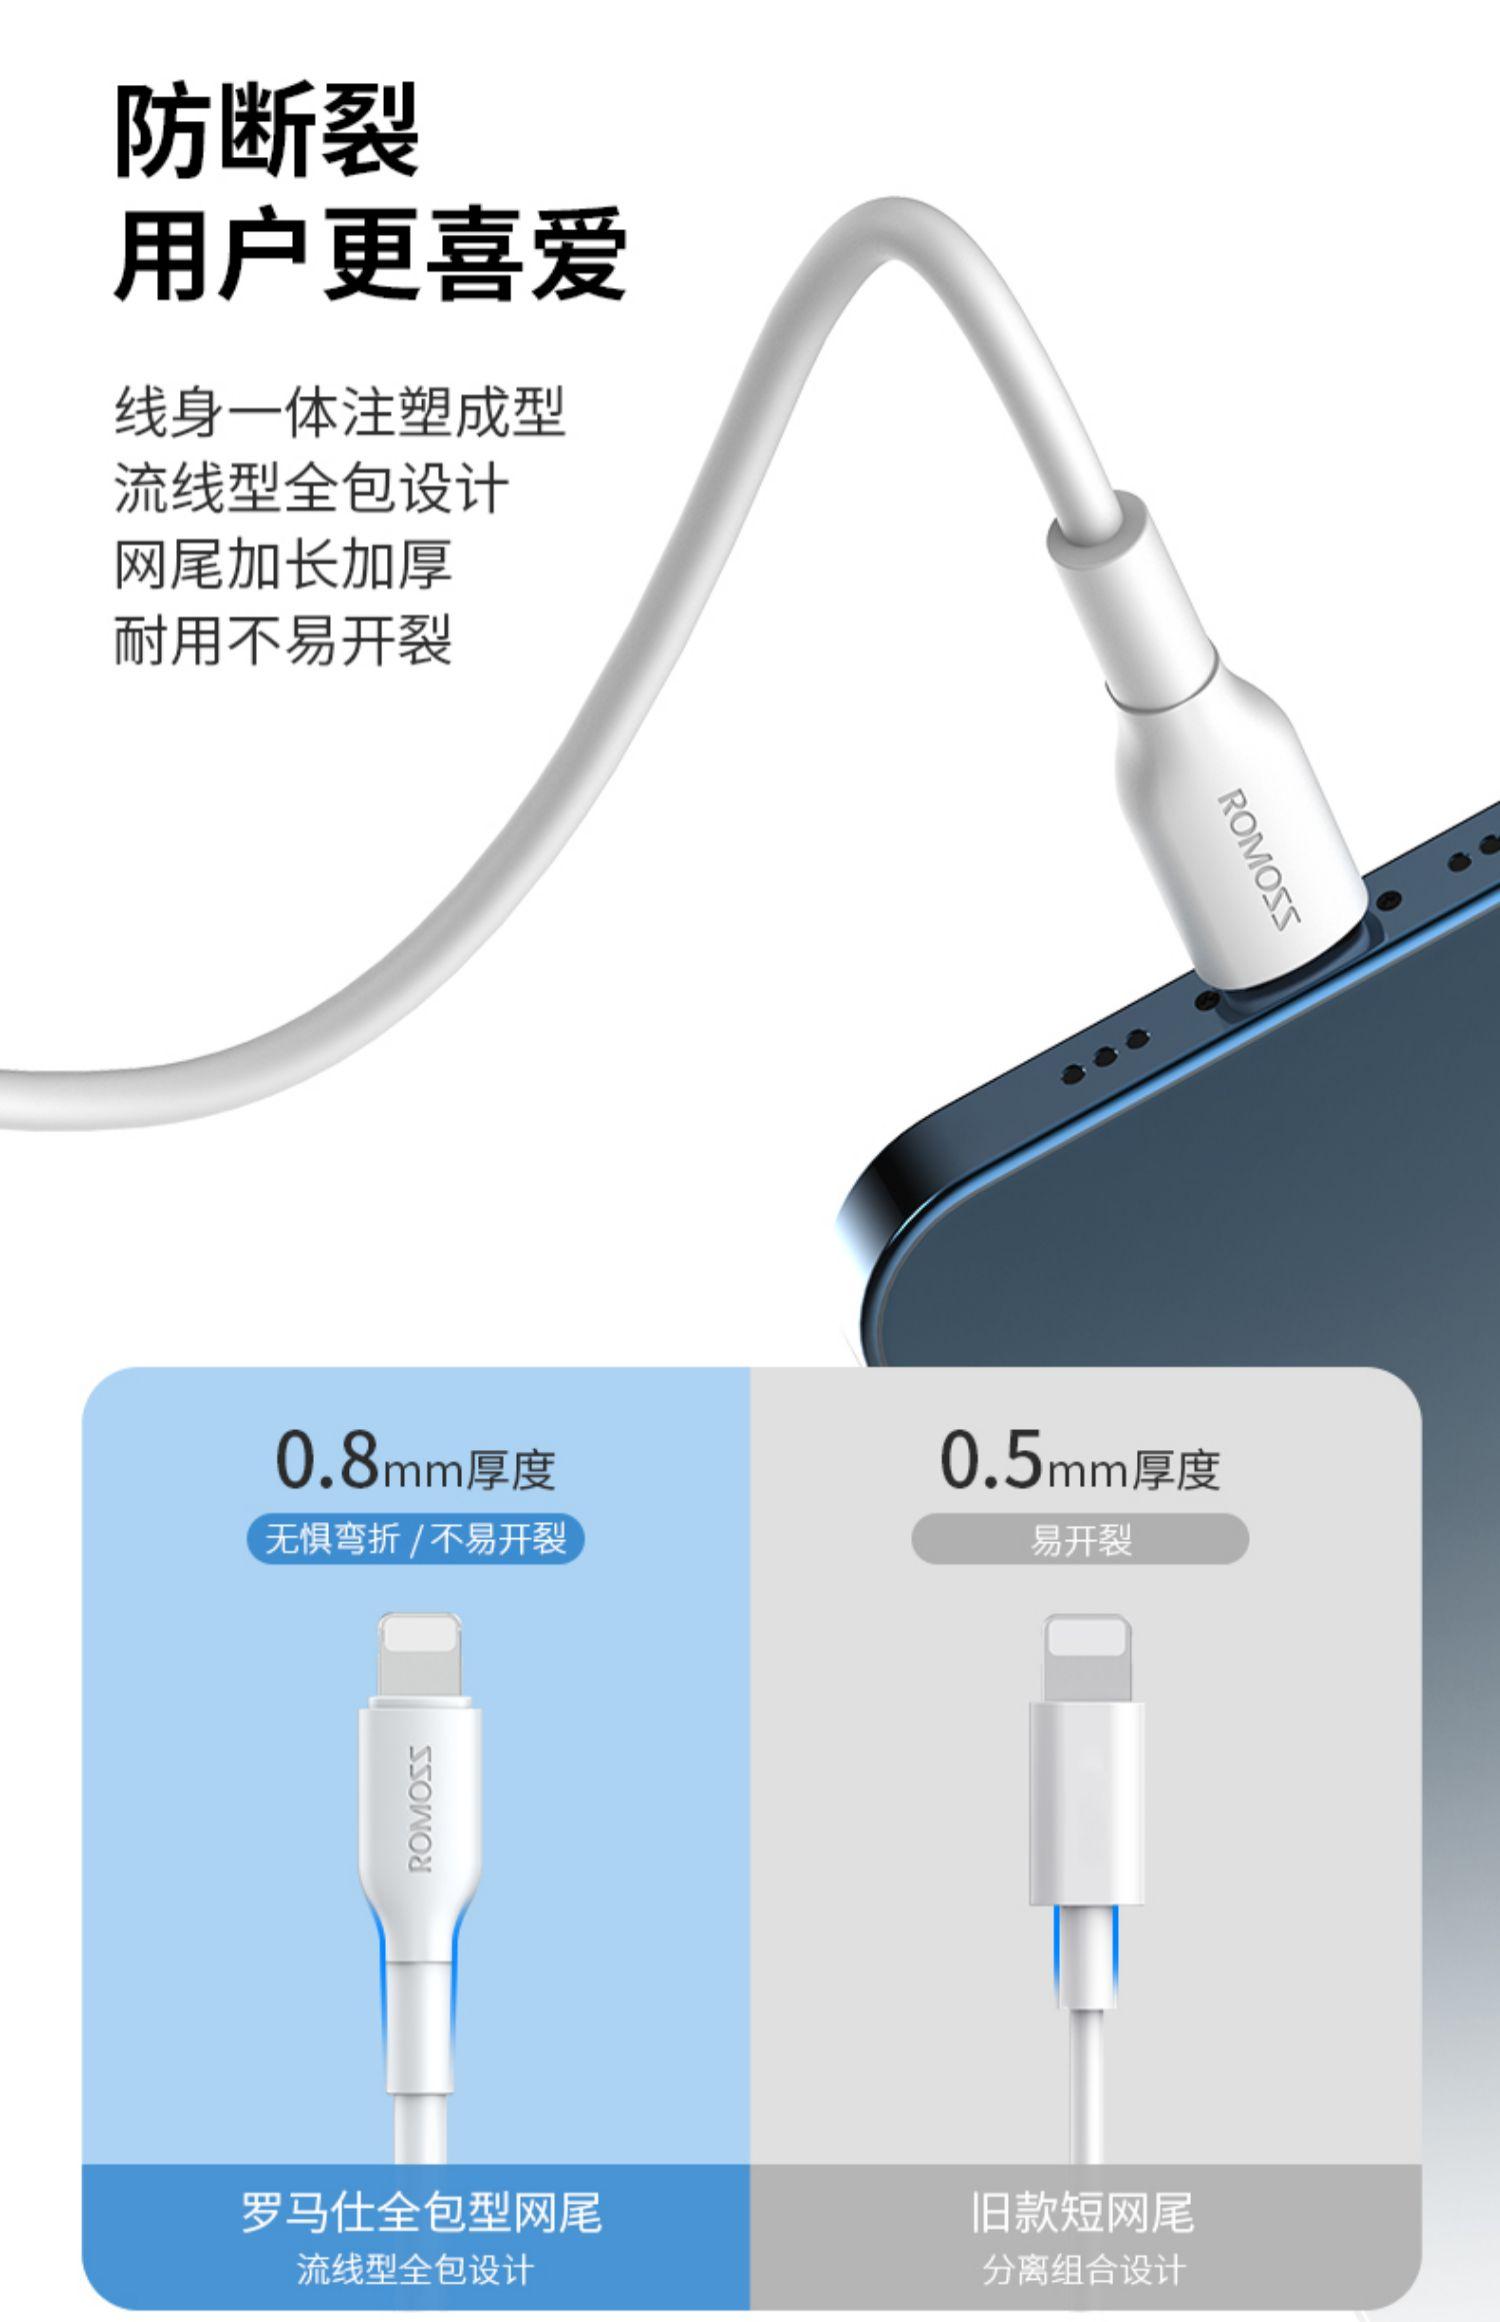 【罗马仕】20W快充苹果充电头8